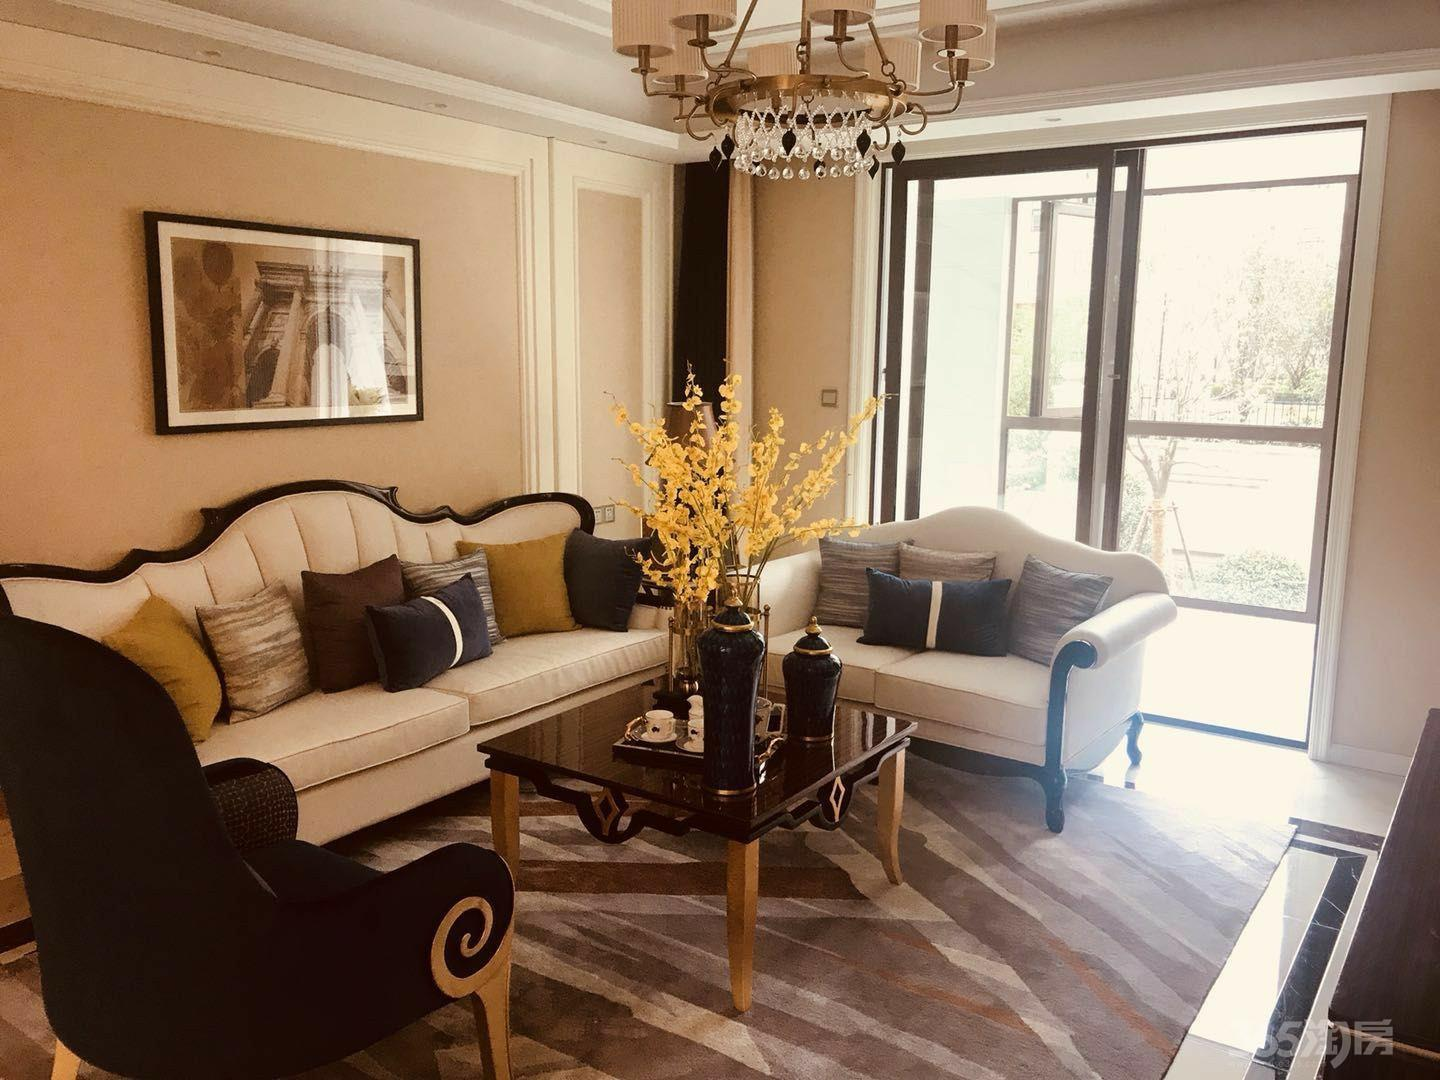 佳源巴黎都市3室2厅2卫122平米2018年产权房毛坯